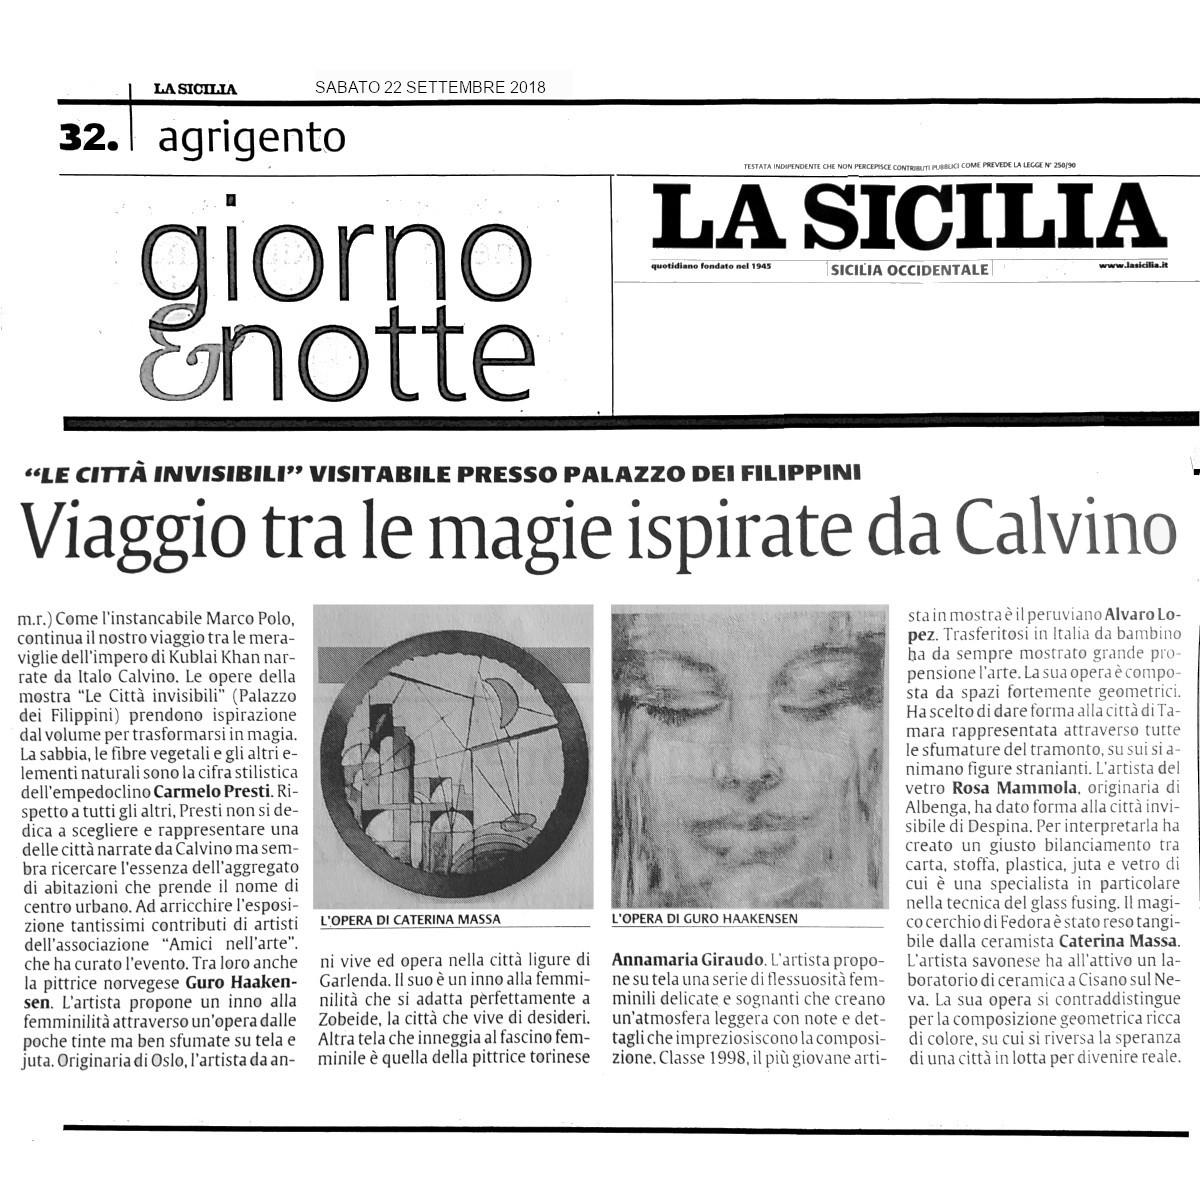 La Sicilia AG22 settembre 2018